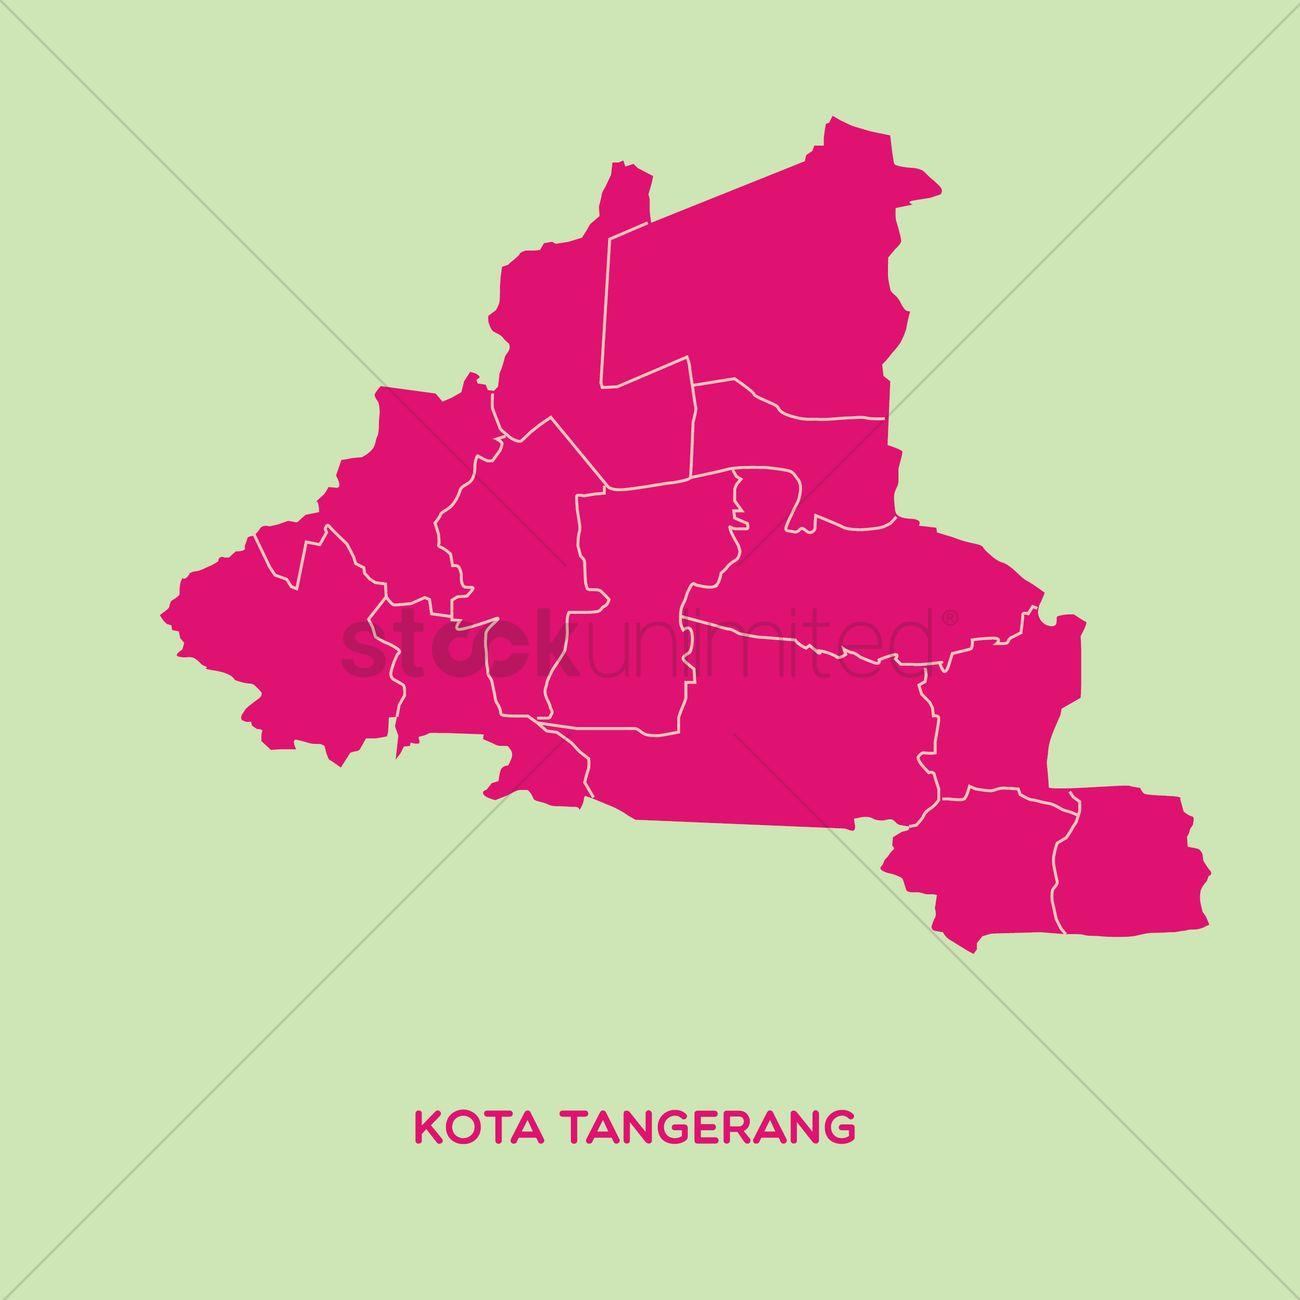 Map of kota tangerang Vector Image 1479800 StockUnlimited